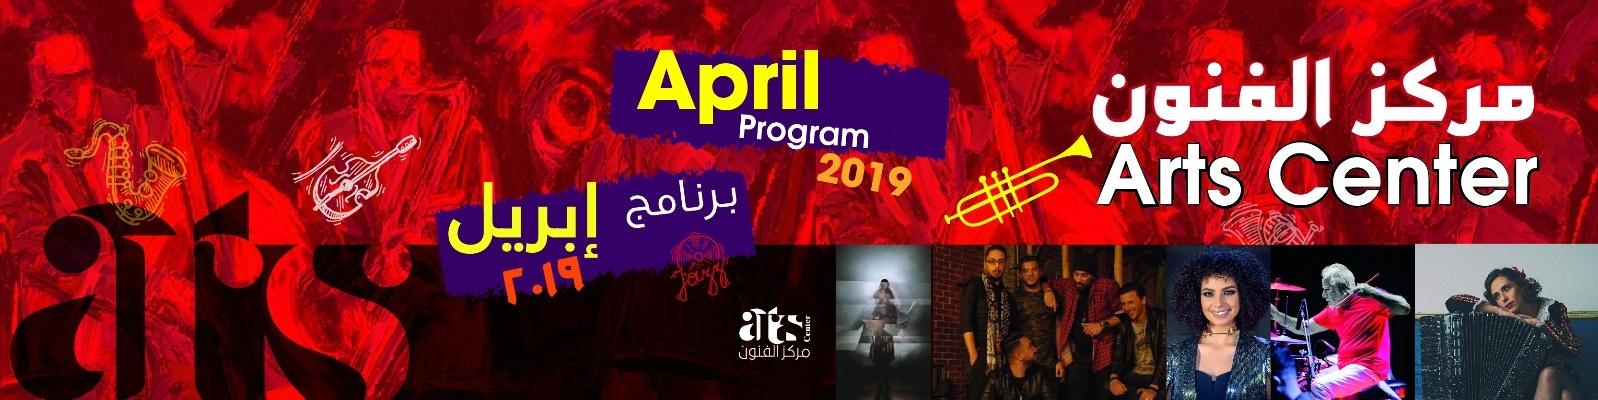 برنامج شهر إبريل لمركز الفنون